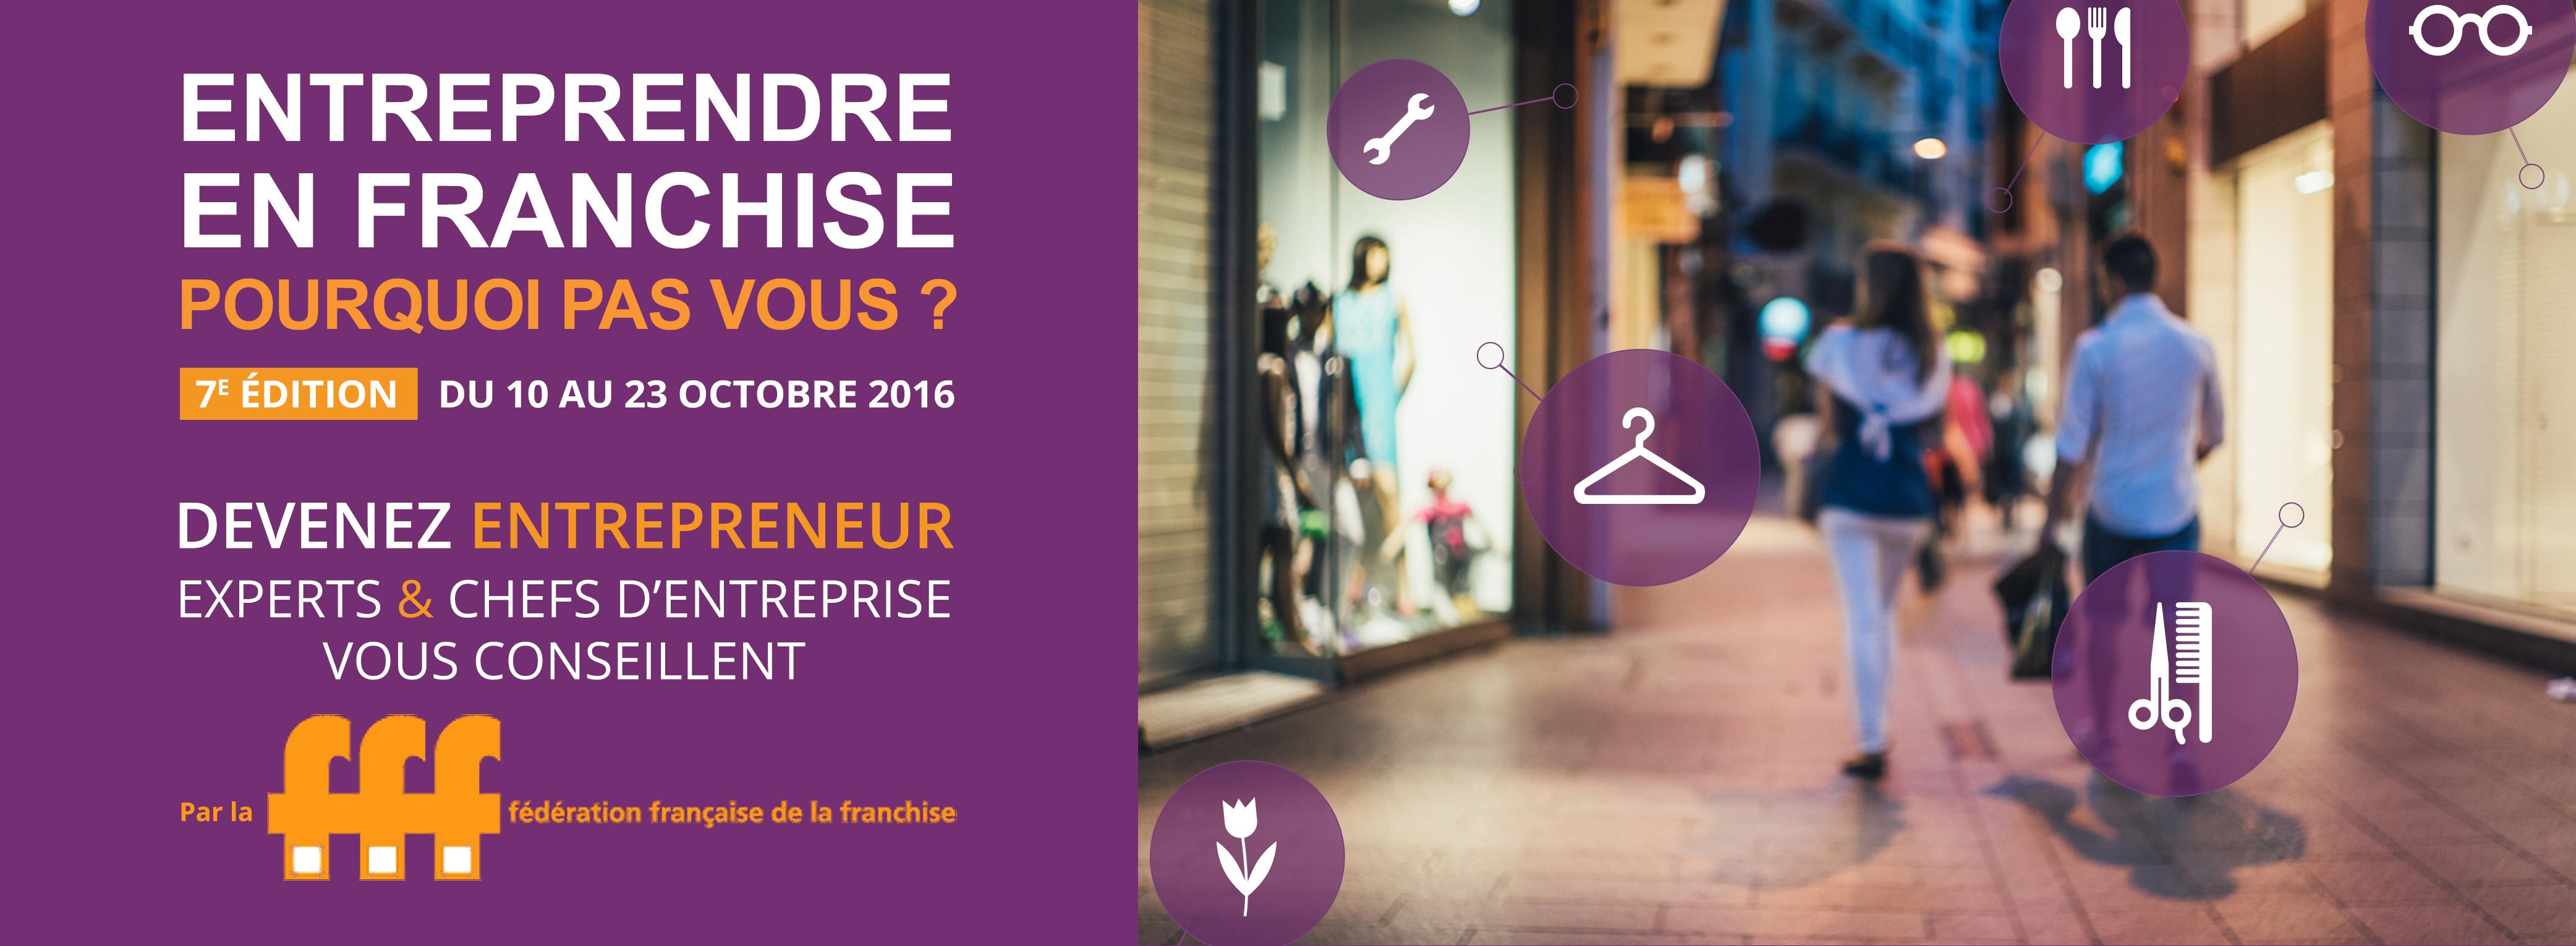 Shiva vous donne rendez-vous au salon «Entreprendre en Franchise, pourquoi pas vous?» initié par la FFF